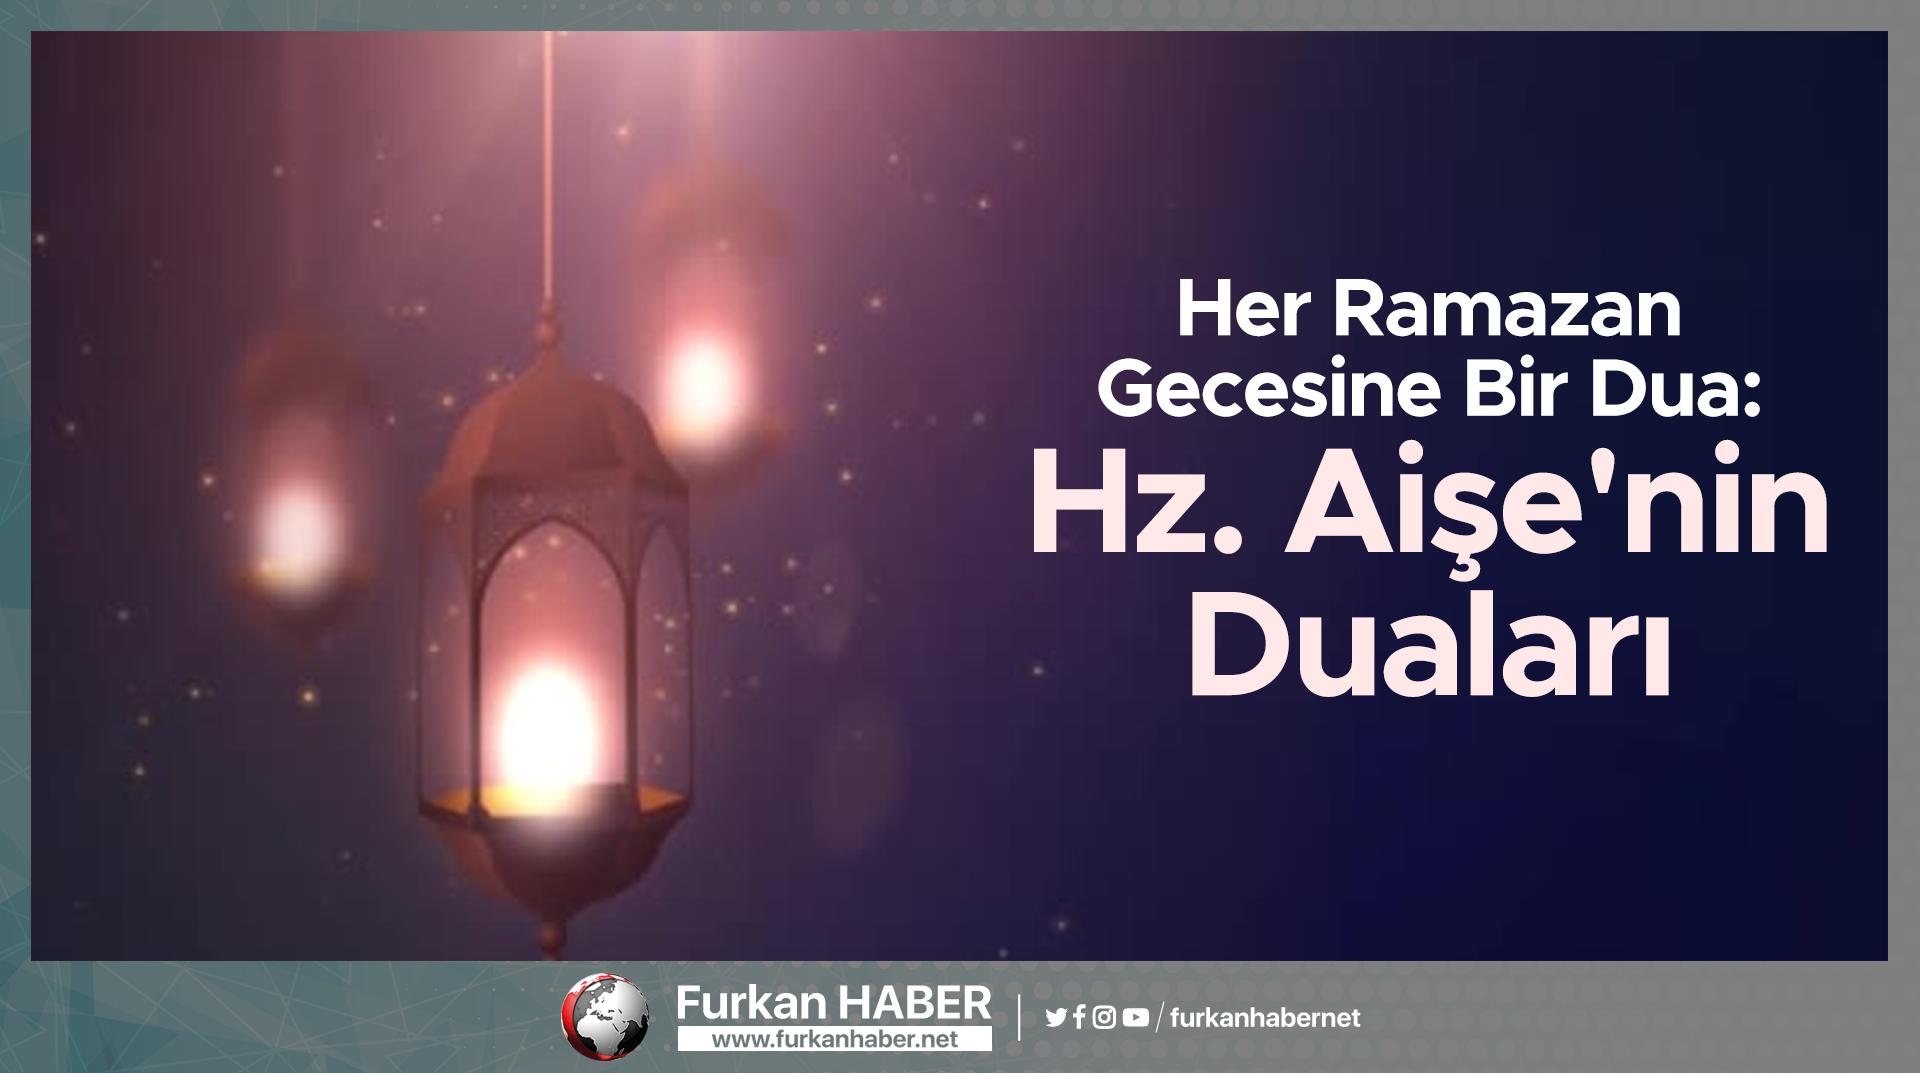 Her Ramazan Gecesine Bir Dua: Hz. Aişe'nin Duaları